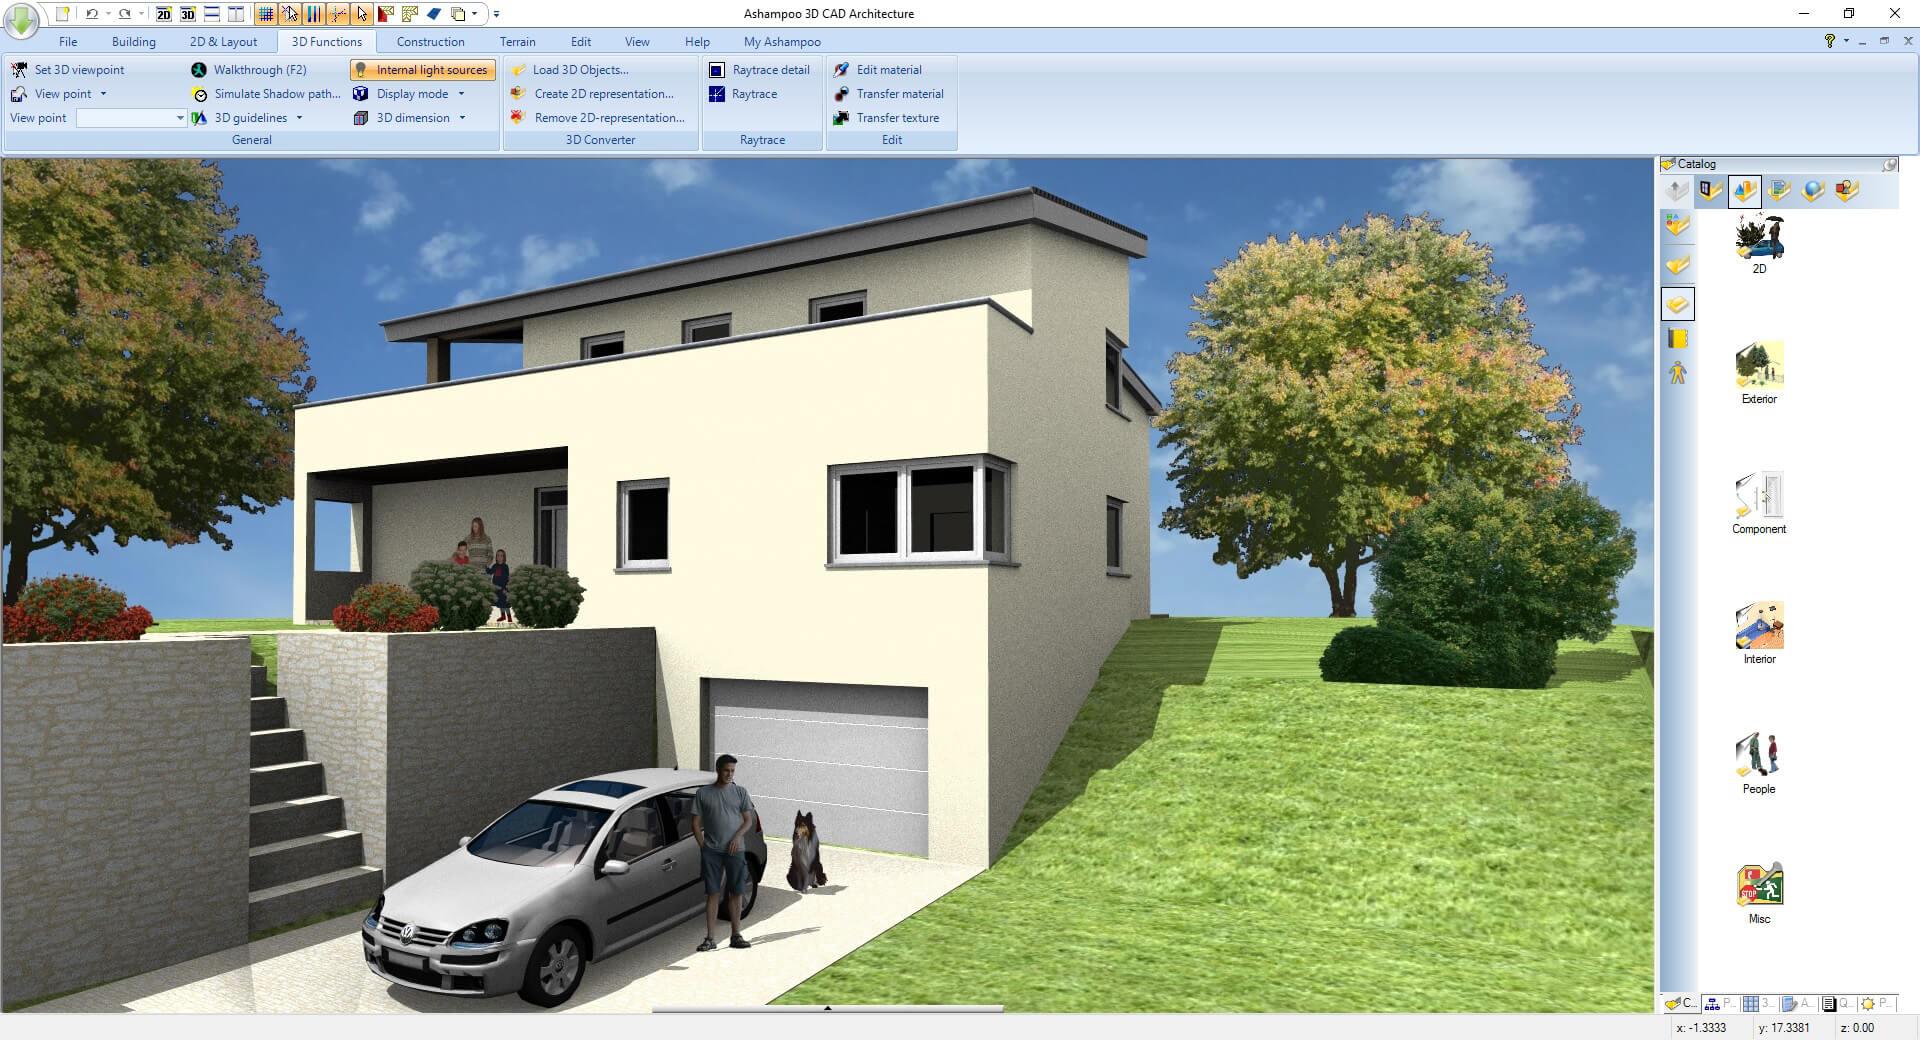 Ashmapoo 3D CAD